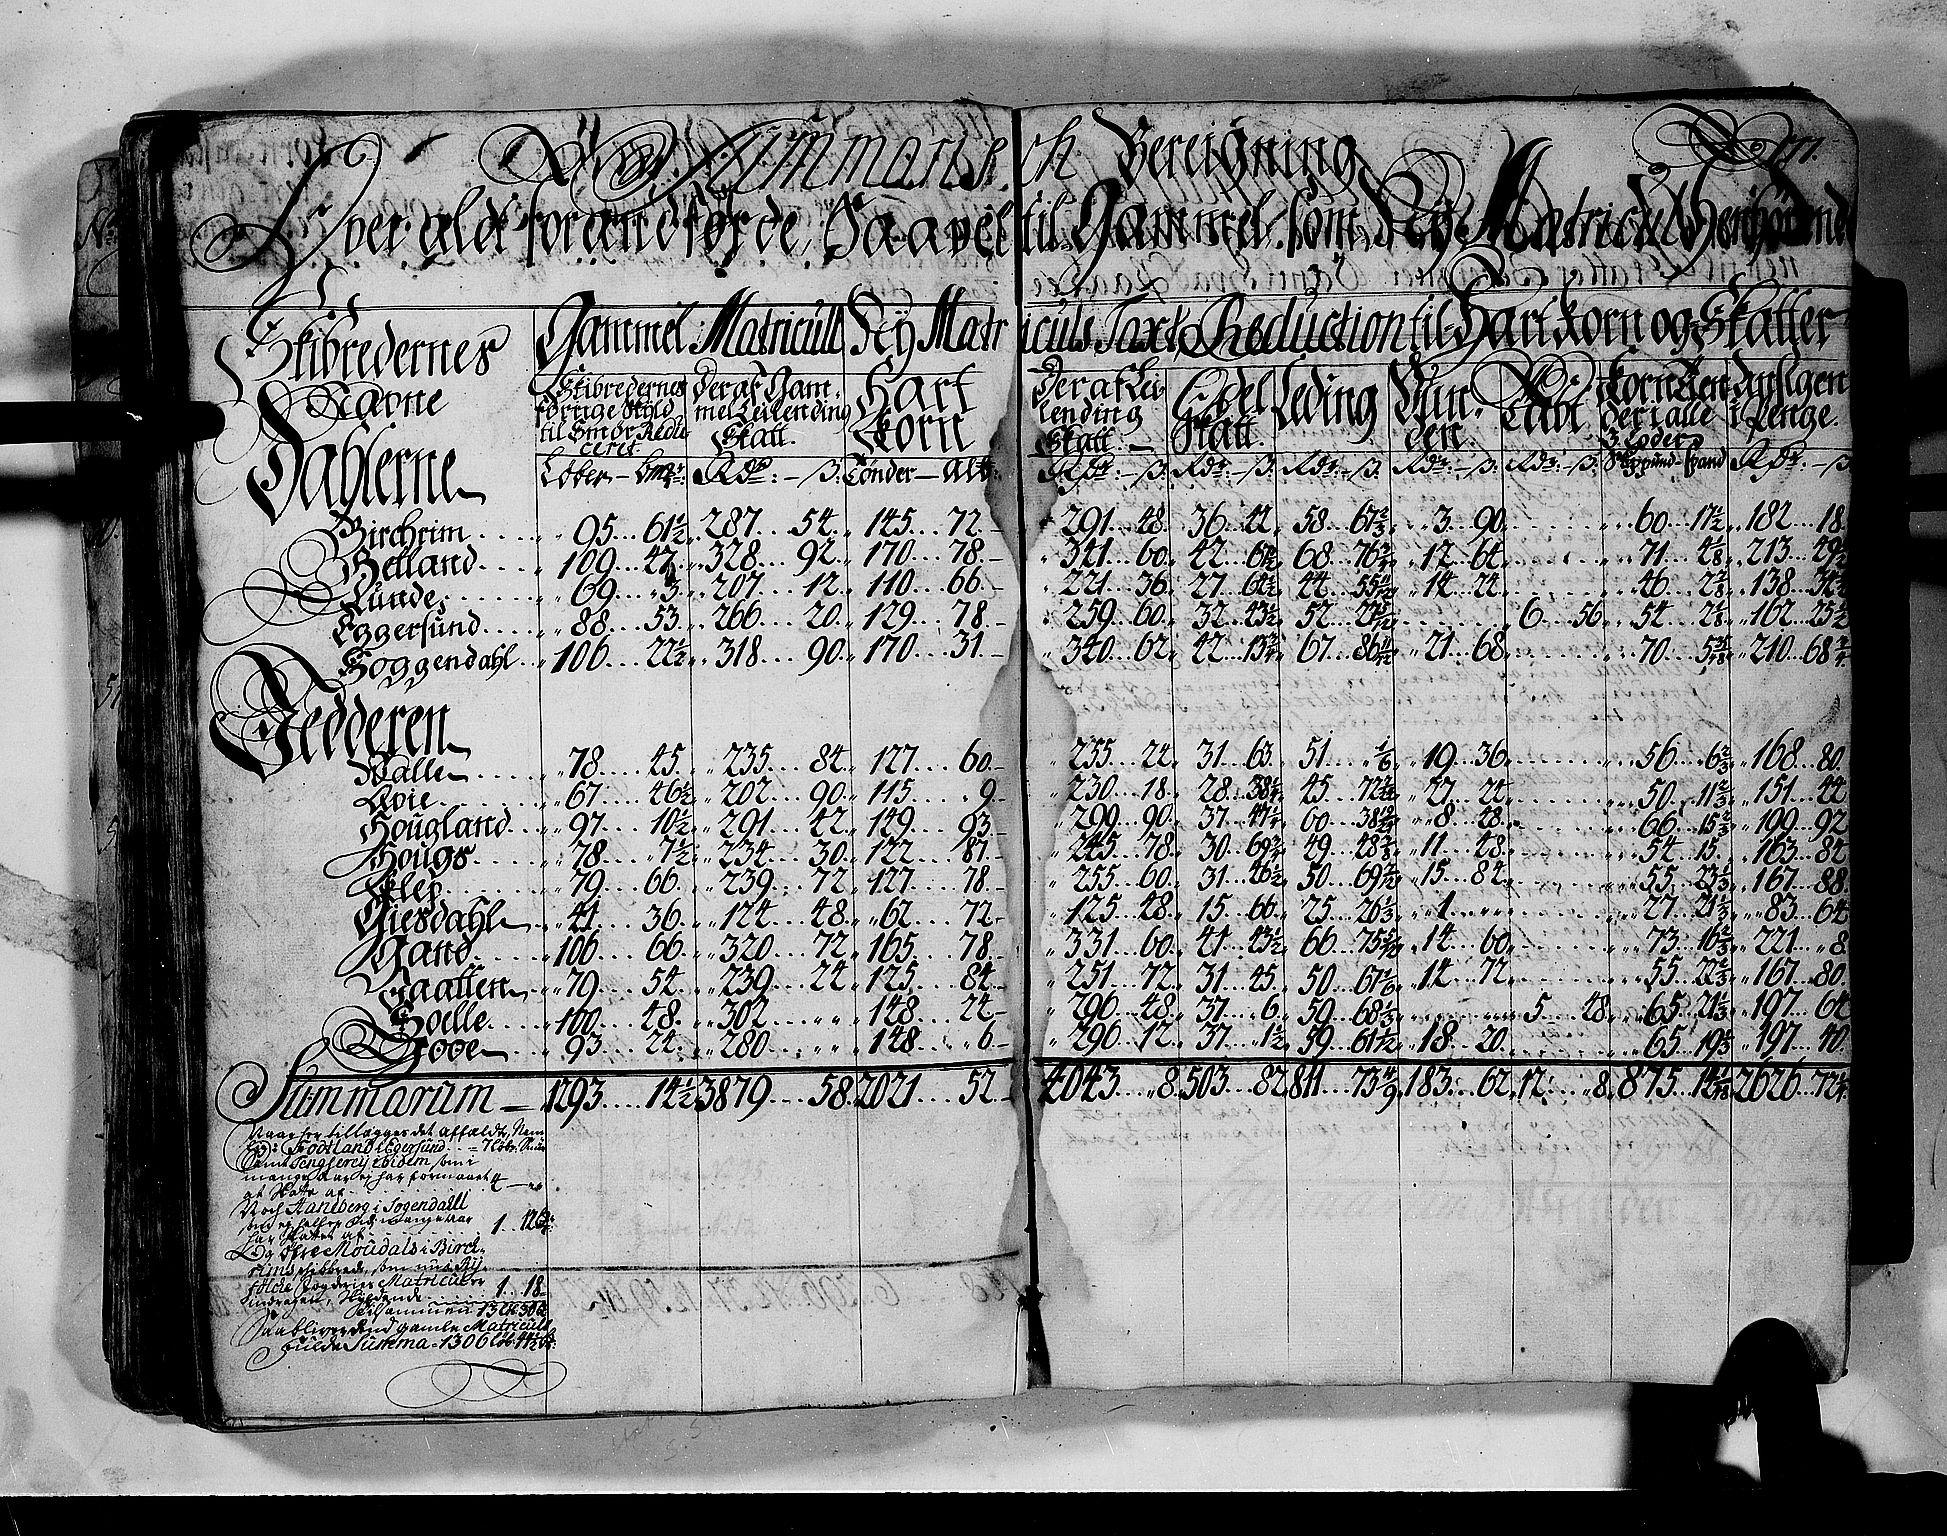 RA, Rentekammeret inntil 1814, Realistisk ordnet avdeling, N/Nb/Nbf/L0132: Jæren og Dalane matrikkelprotokoll, 1723, s. 176b-177a